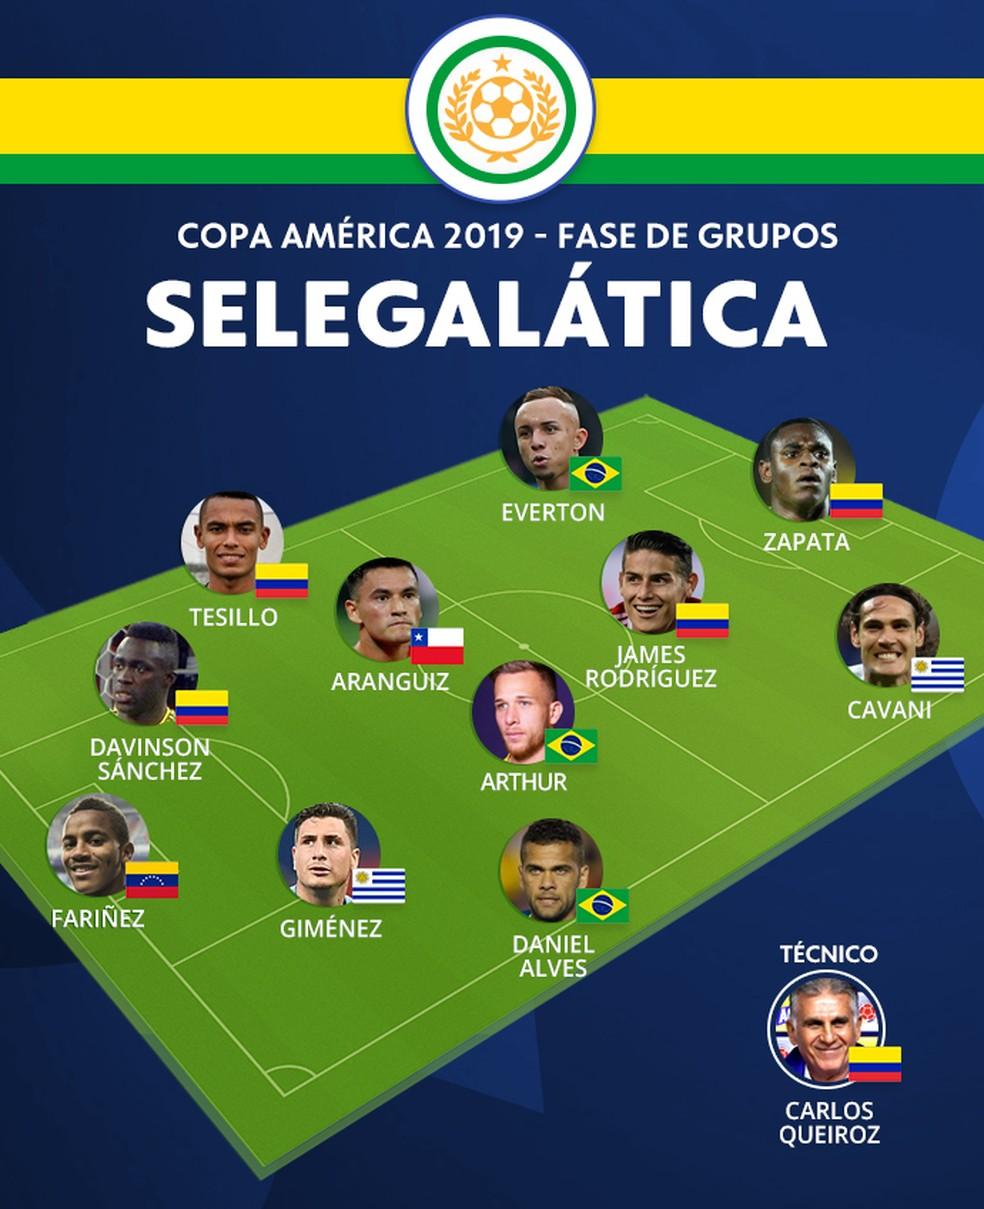 Neymar Daniel Alves Confira Os Boleiros Que Entraram: SeleGalática E SeleBaba: Os Melhores E Piores